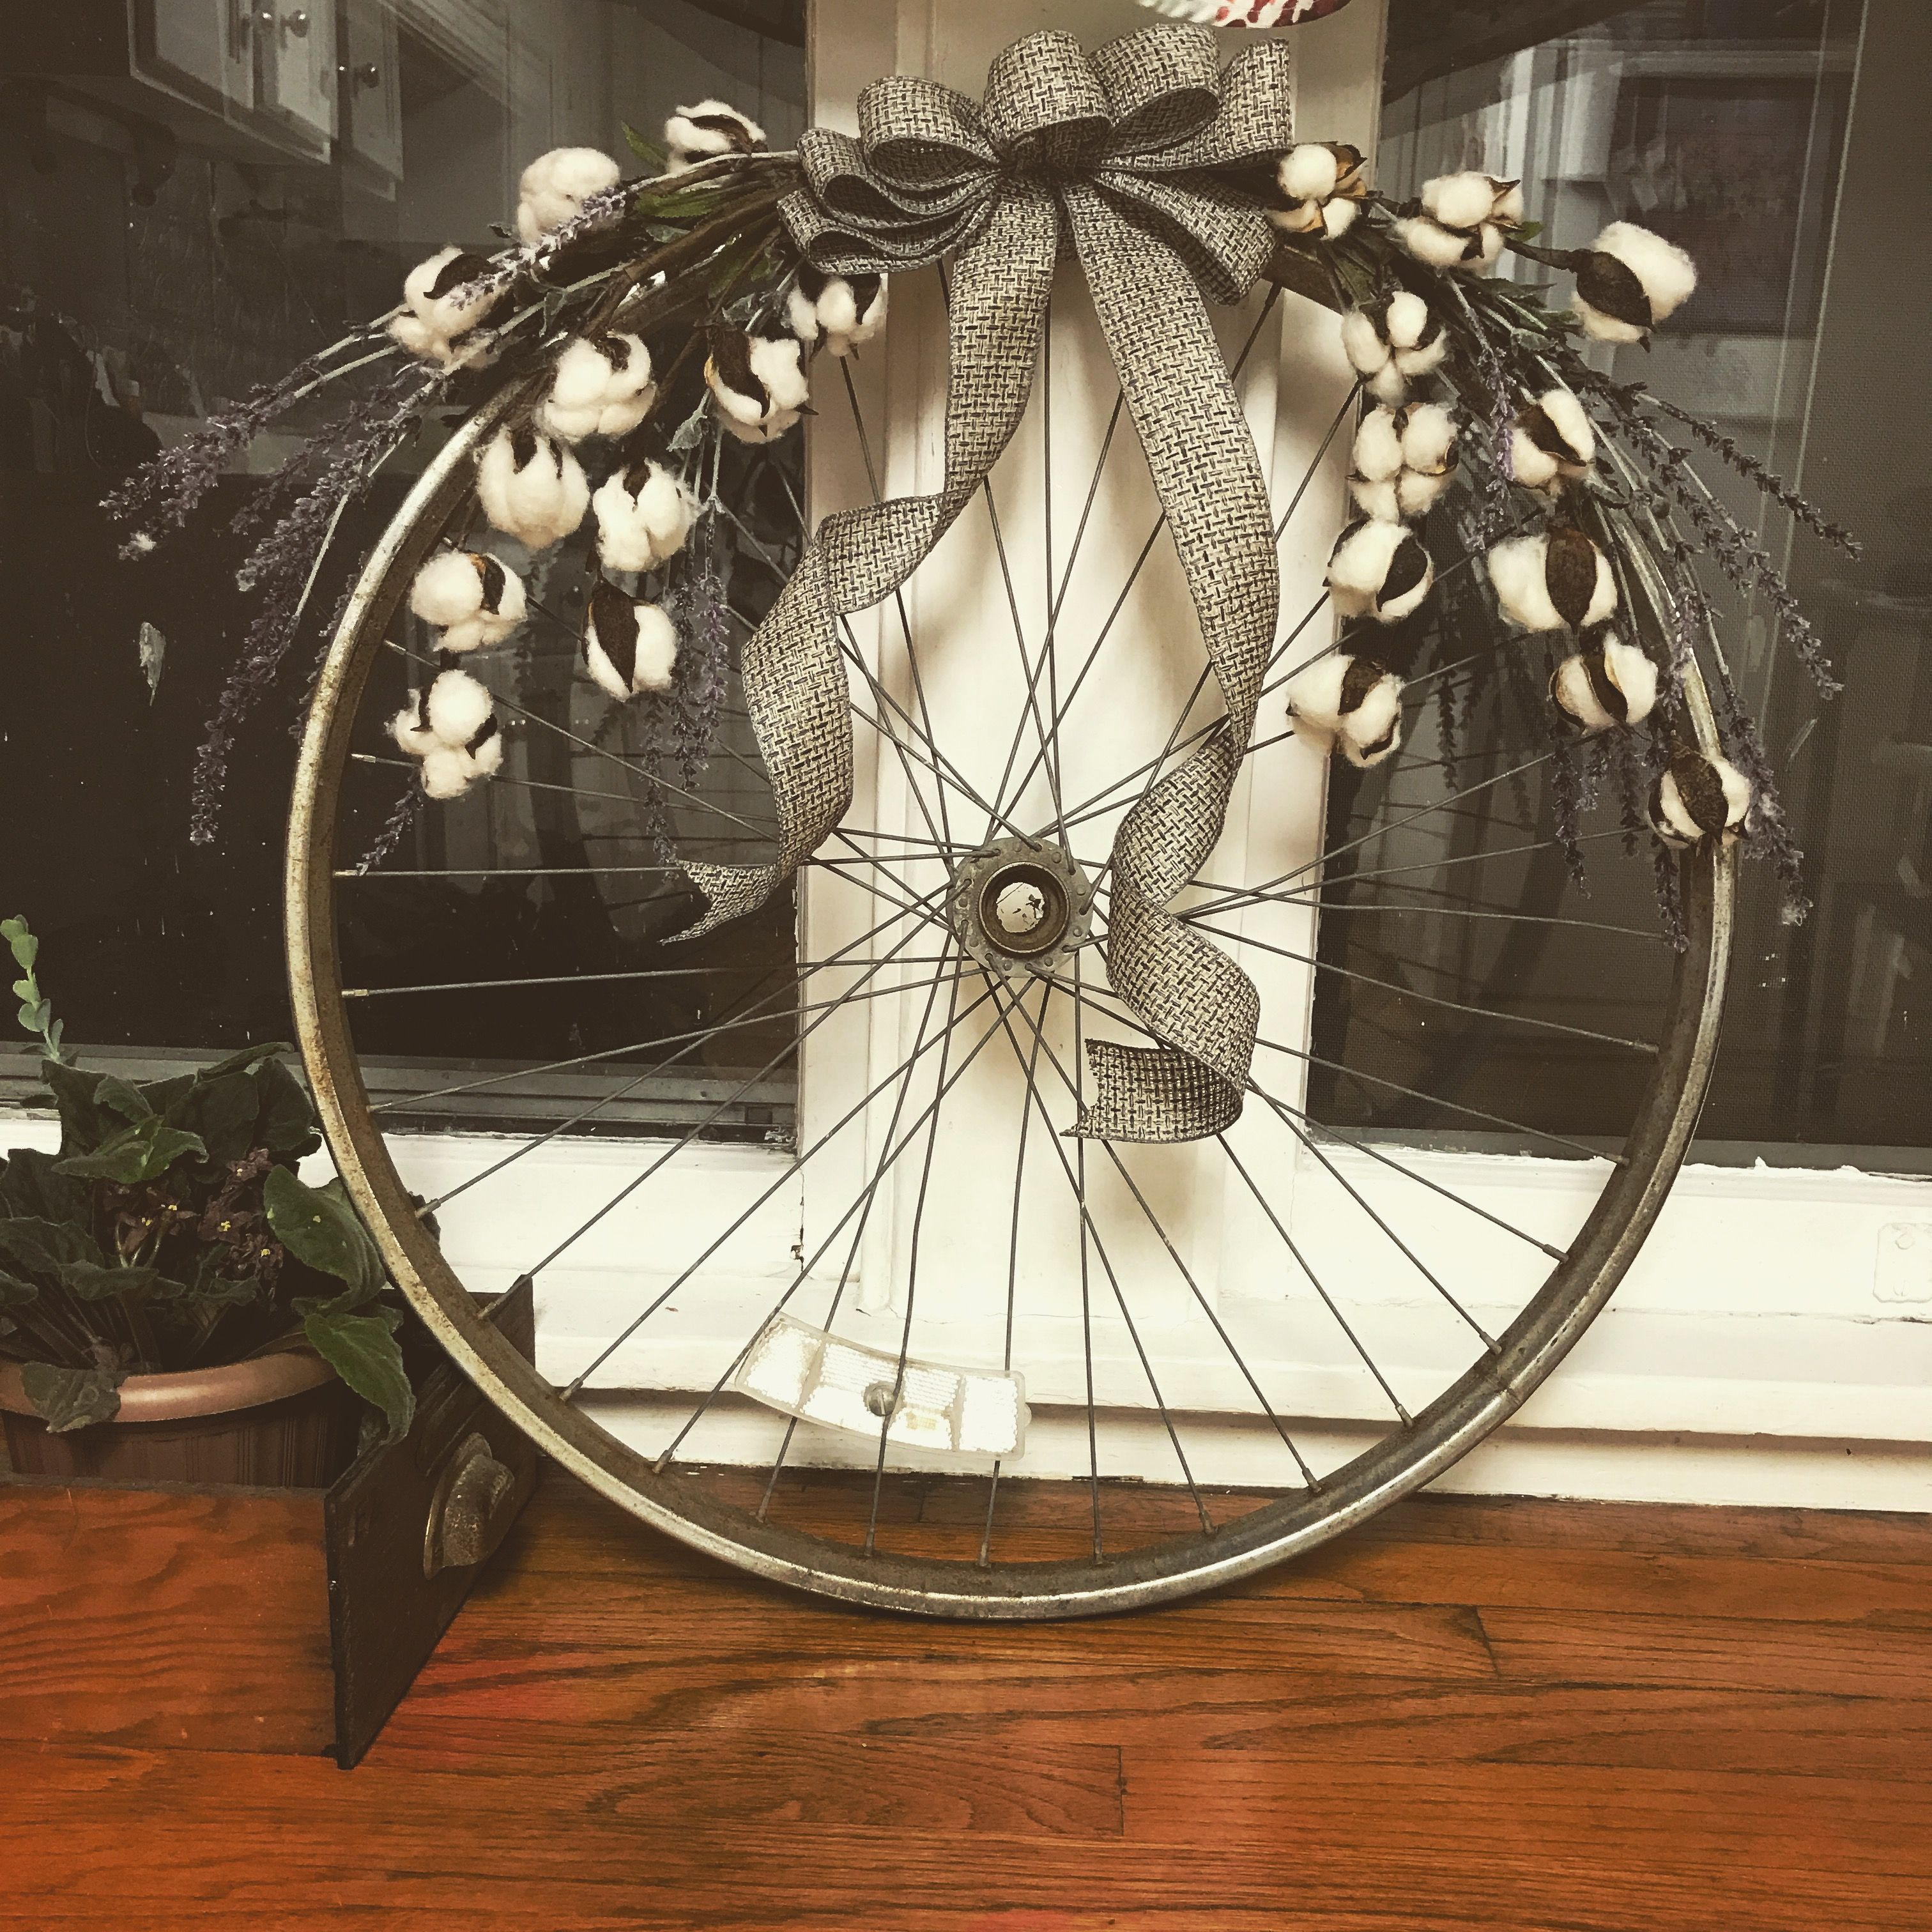 своими руками из велосипедных колес фото является